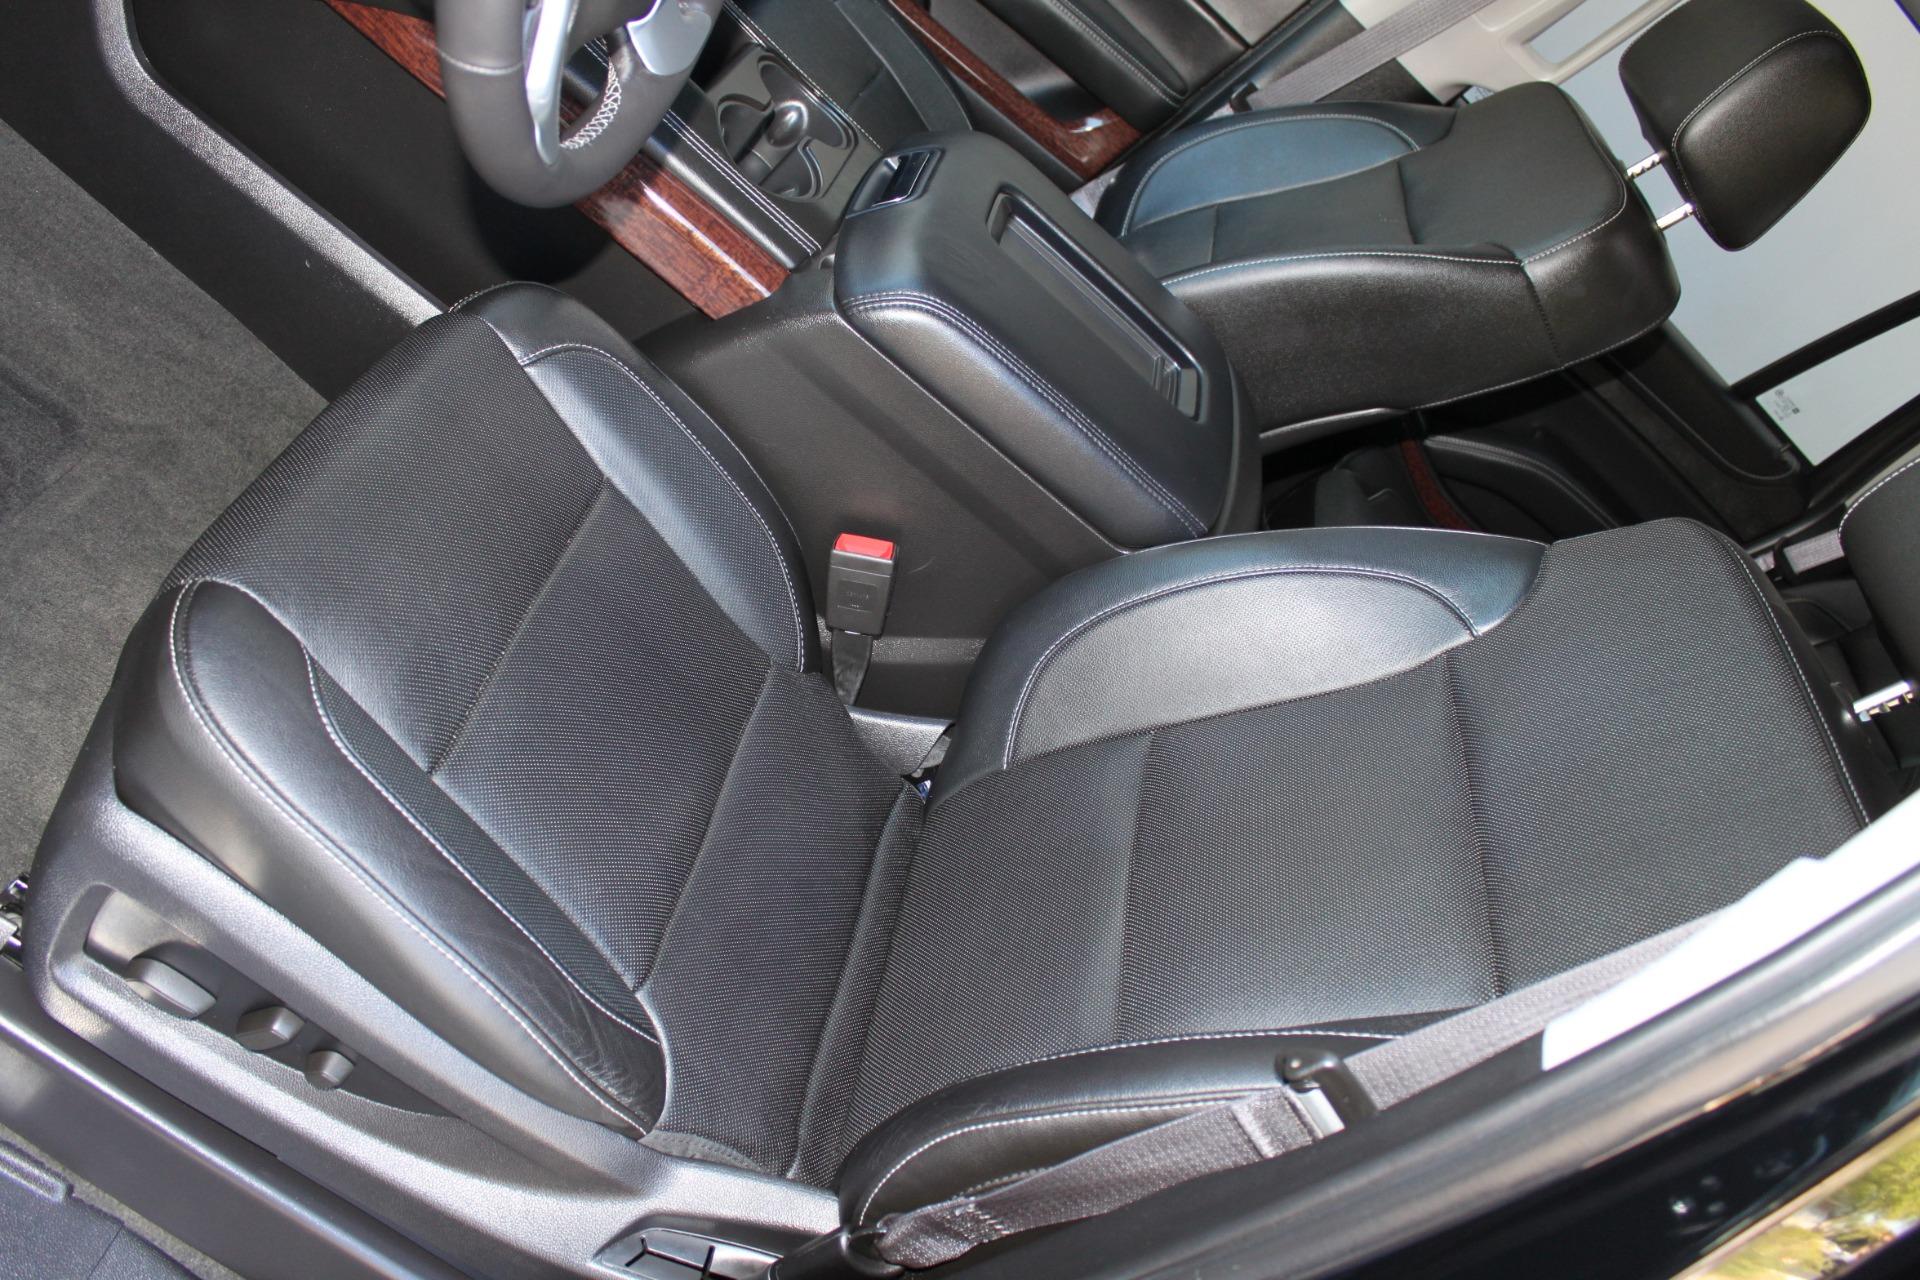 Used-2015-GMC-Yukon-SLT-Range-Rover